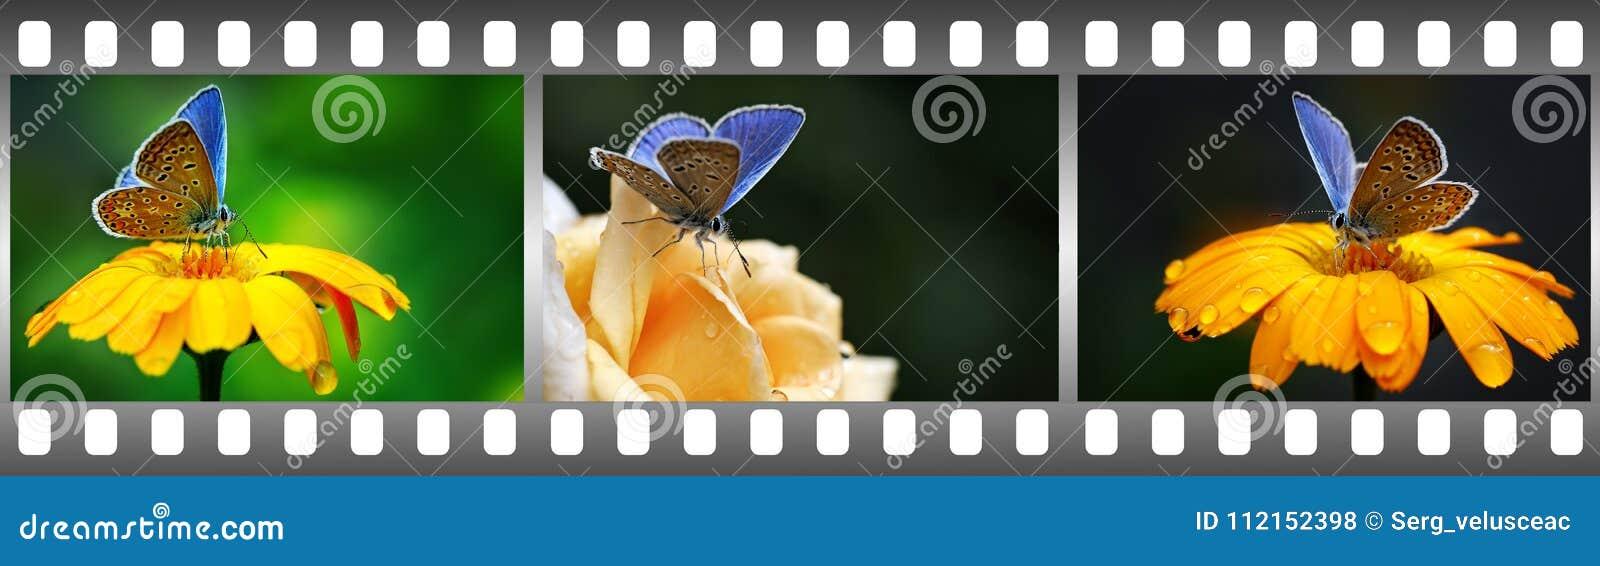 Blauwe vlinders op bloemen in kader in vormfilm